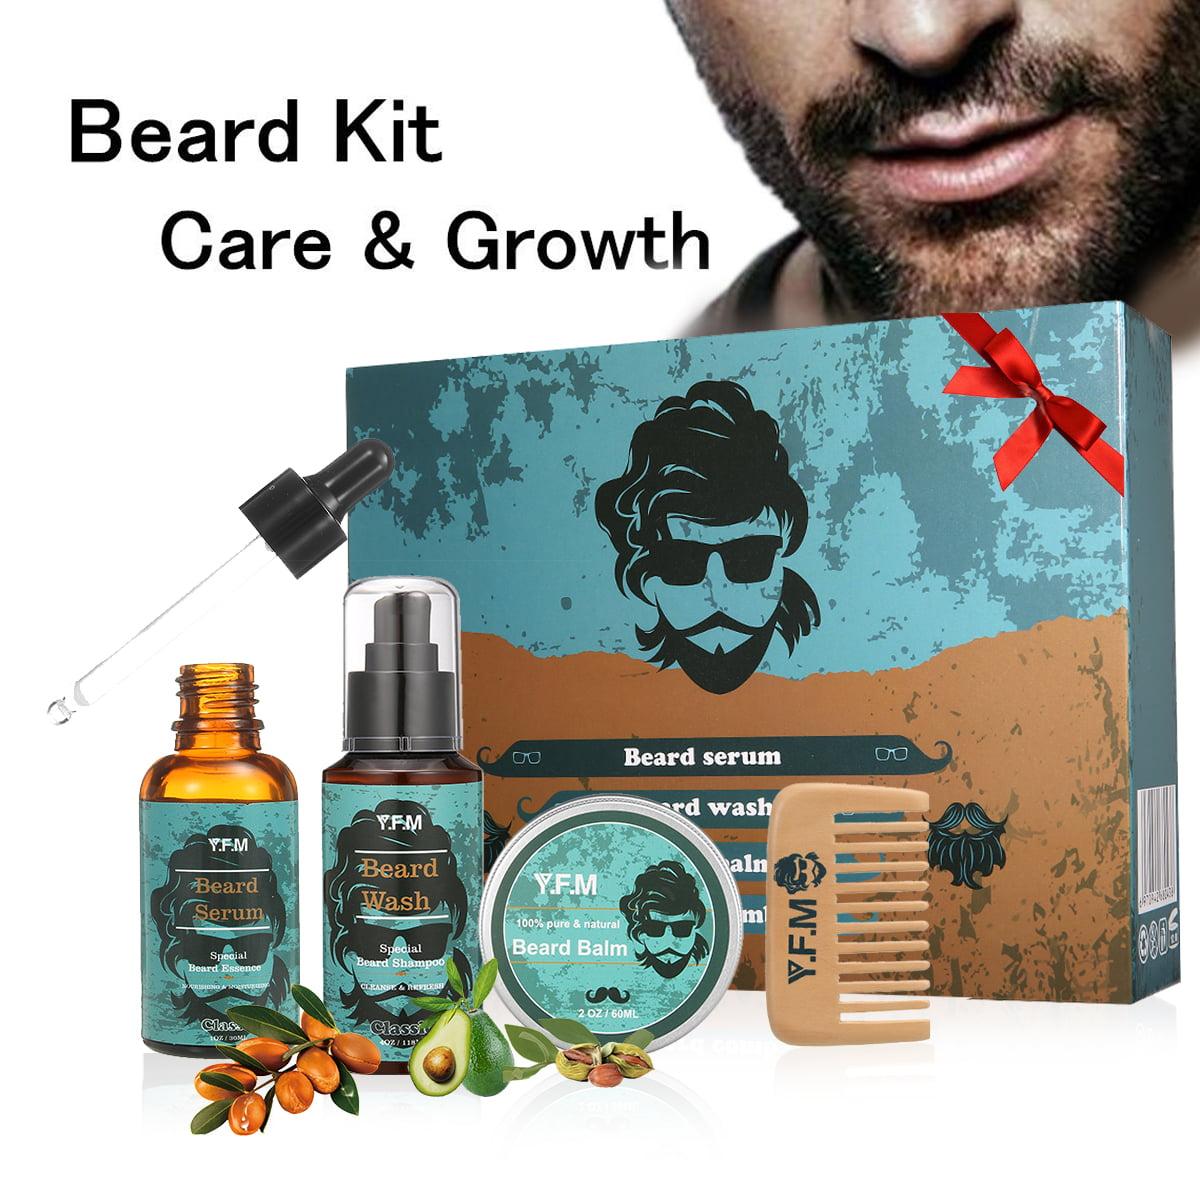 Beard Care Kit, Great for Dry or Wet Beards, Beard Kit Includes: Beard  Shampoo + Beard Oil + Beard Balm + Beard Comb, Beard Gift Set Best Gift for